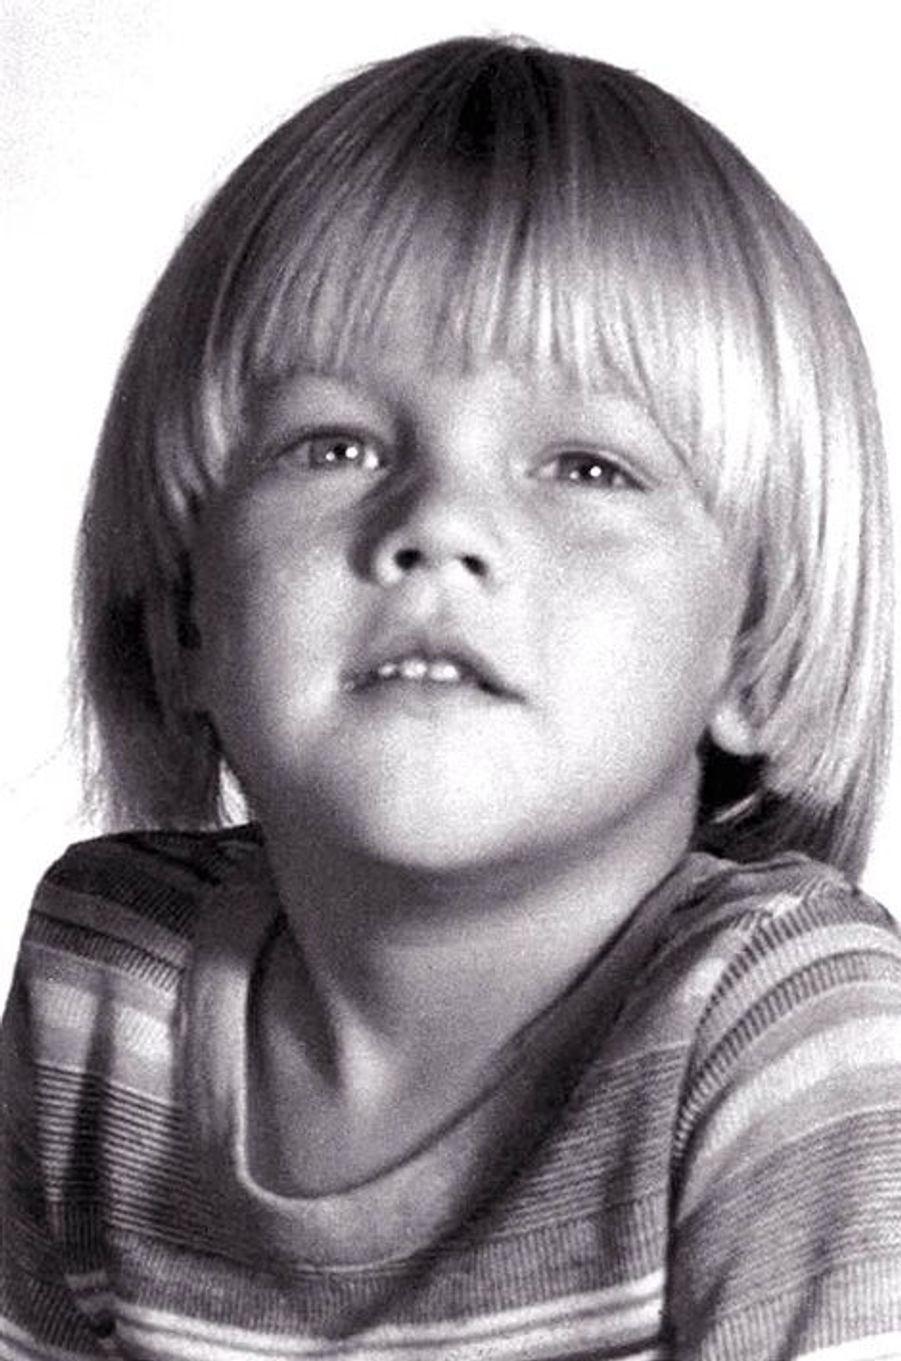 Il était une fois... Leonardo DiCaprio